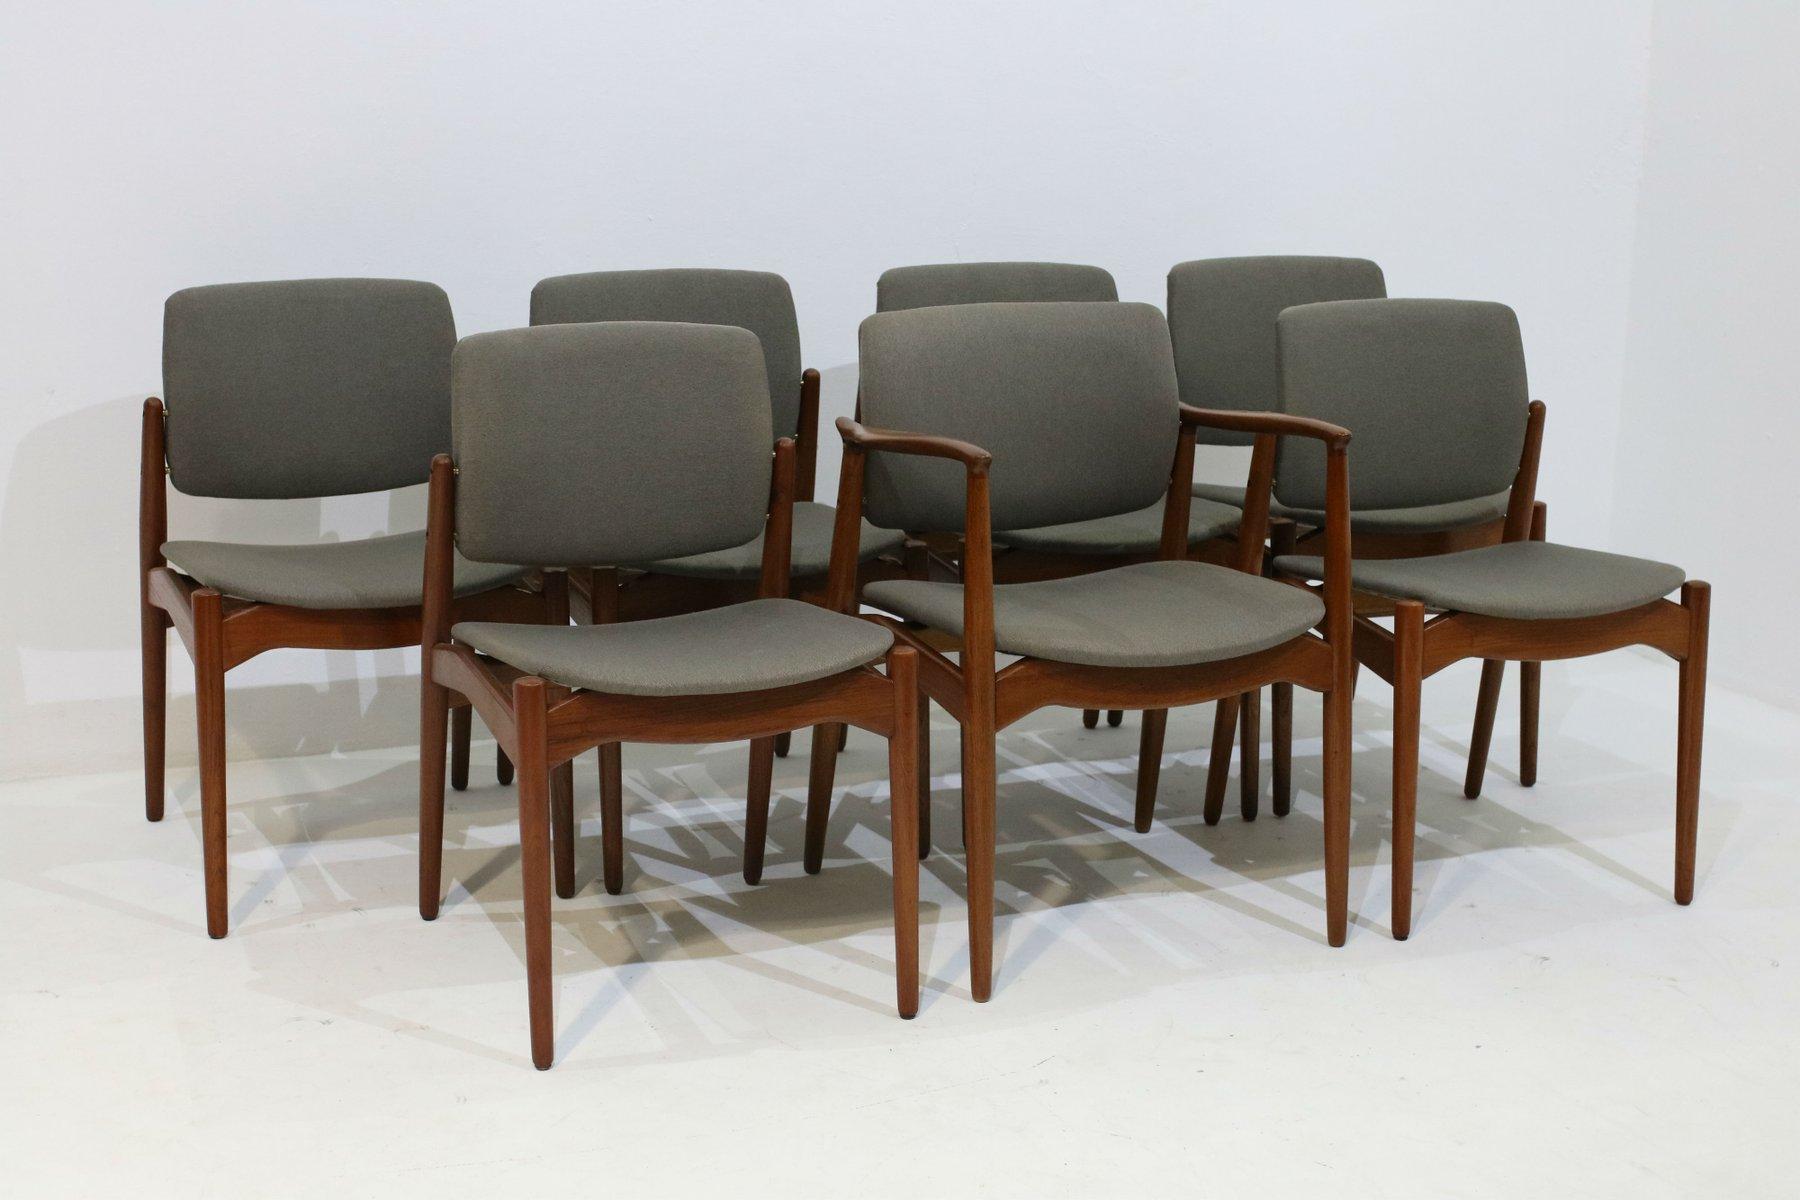 Chaises de salon fauteuil erik buch pour orum mobler for Chaise pour salon